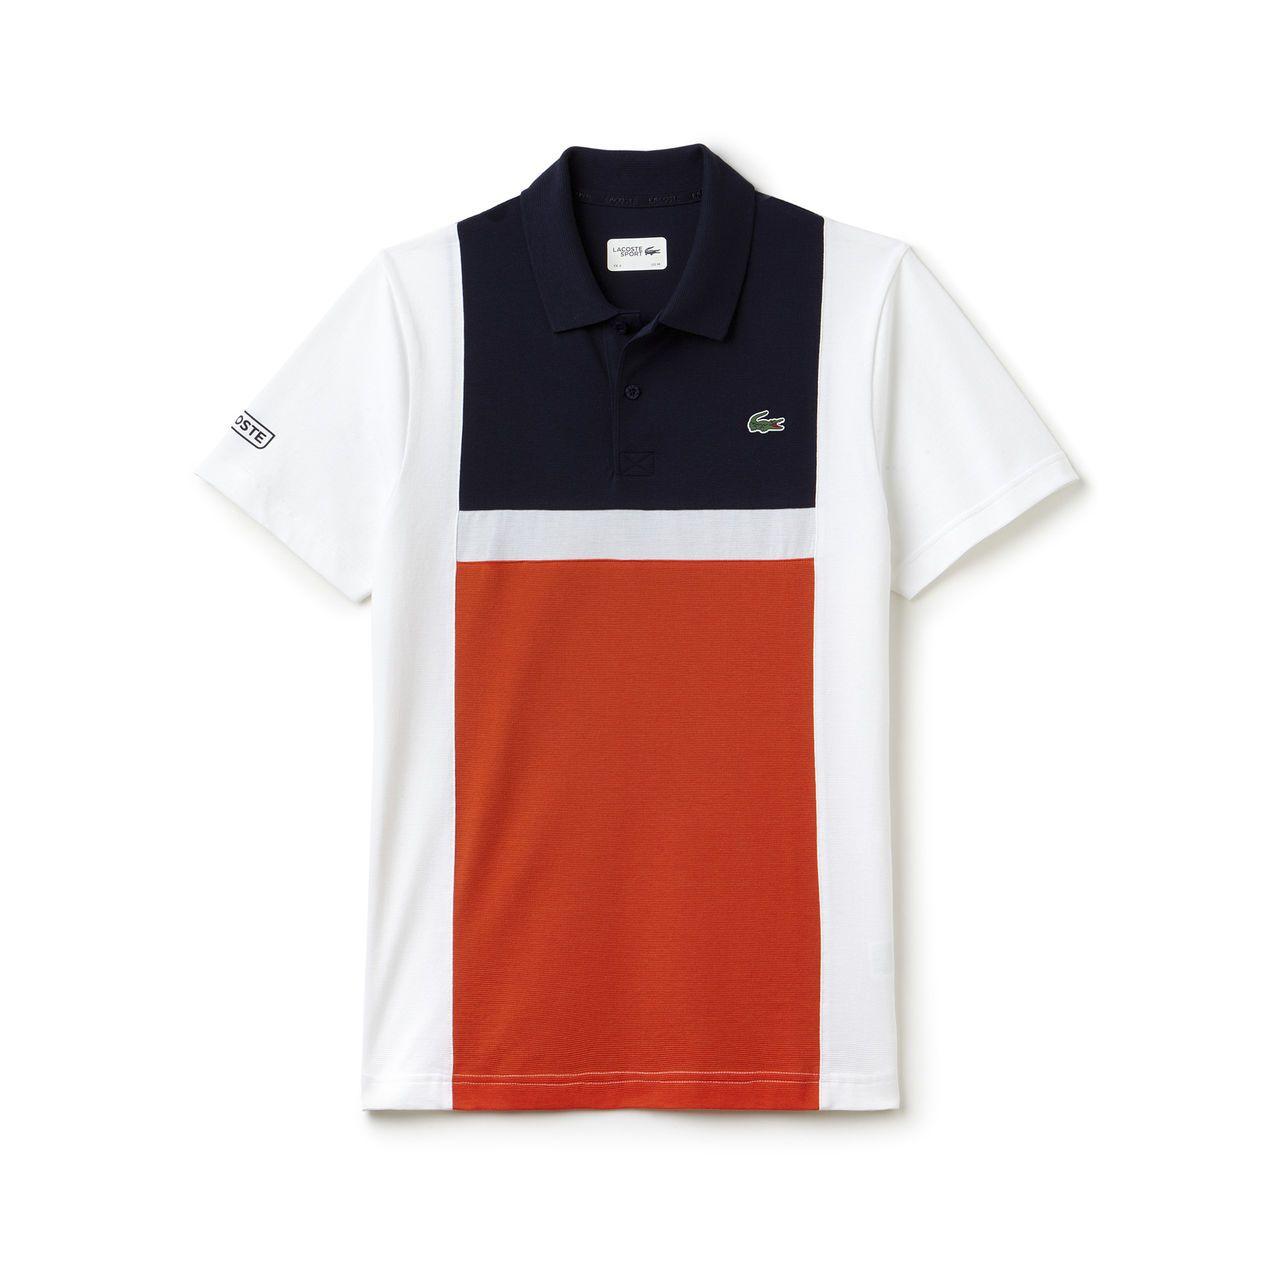 Polo Shirt Design Image By Kei Ana On Lacoste Tee Shirt Fashion Polo T Shirts